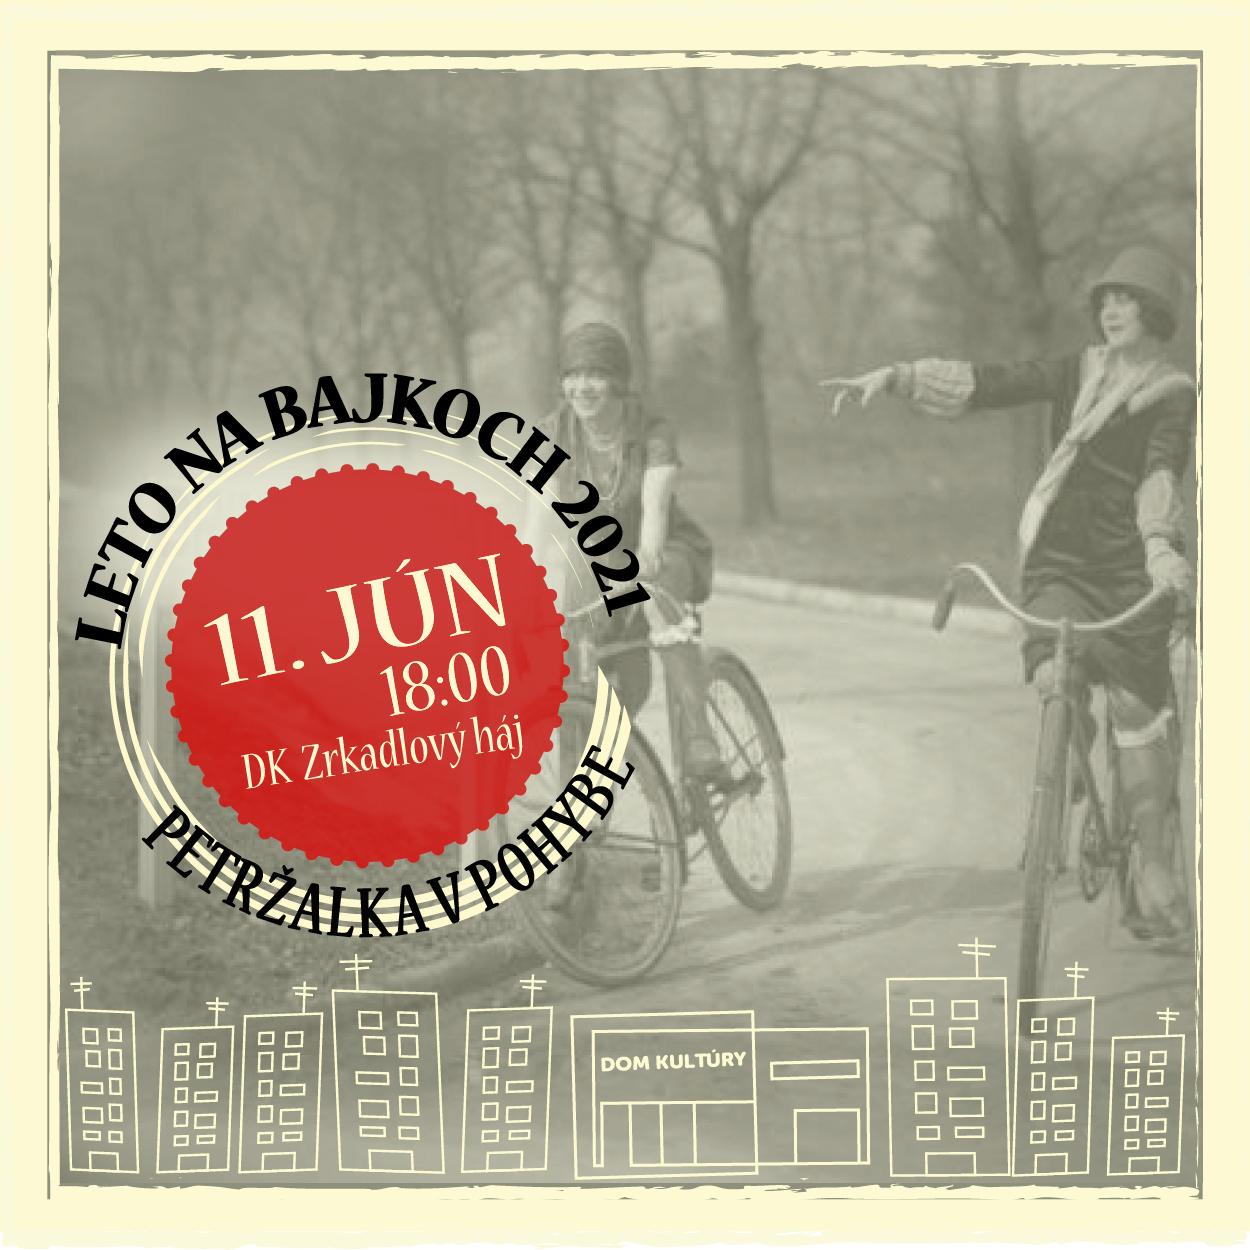 LETO NA BAJKOCH - Petržalka v pohybe | 11.06.2021 - piatok DK Zrkadlový háj